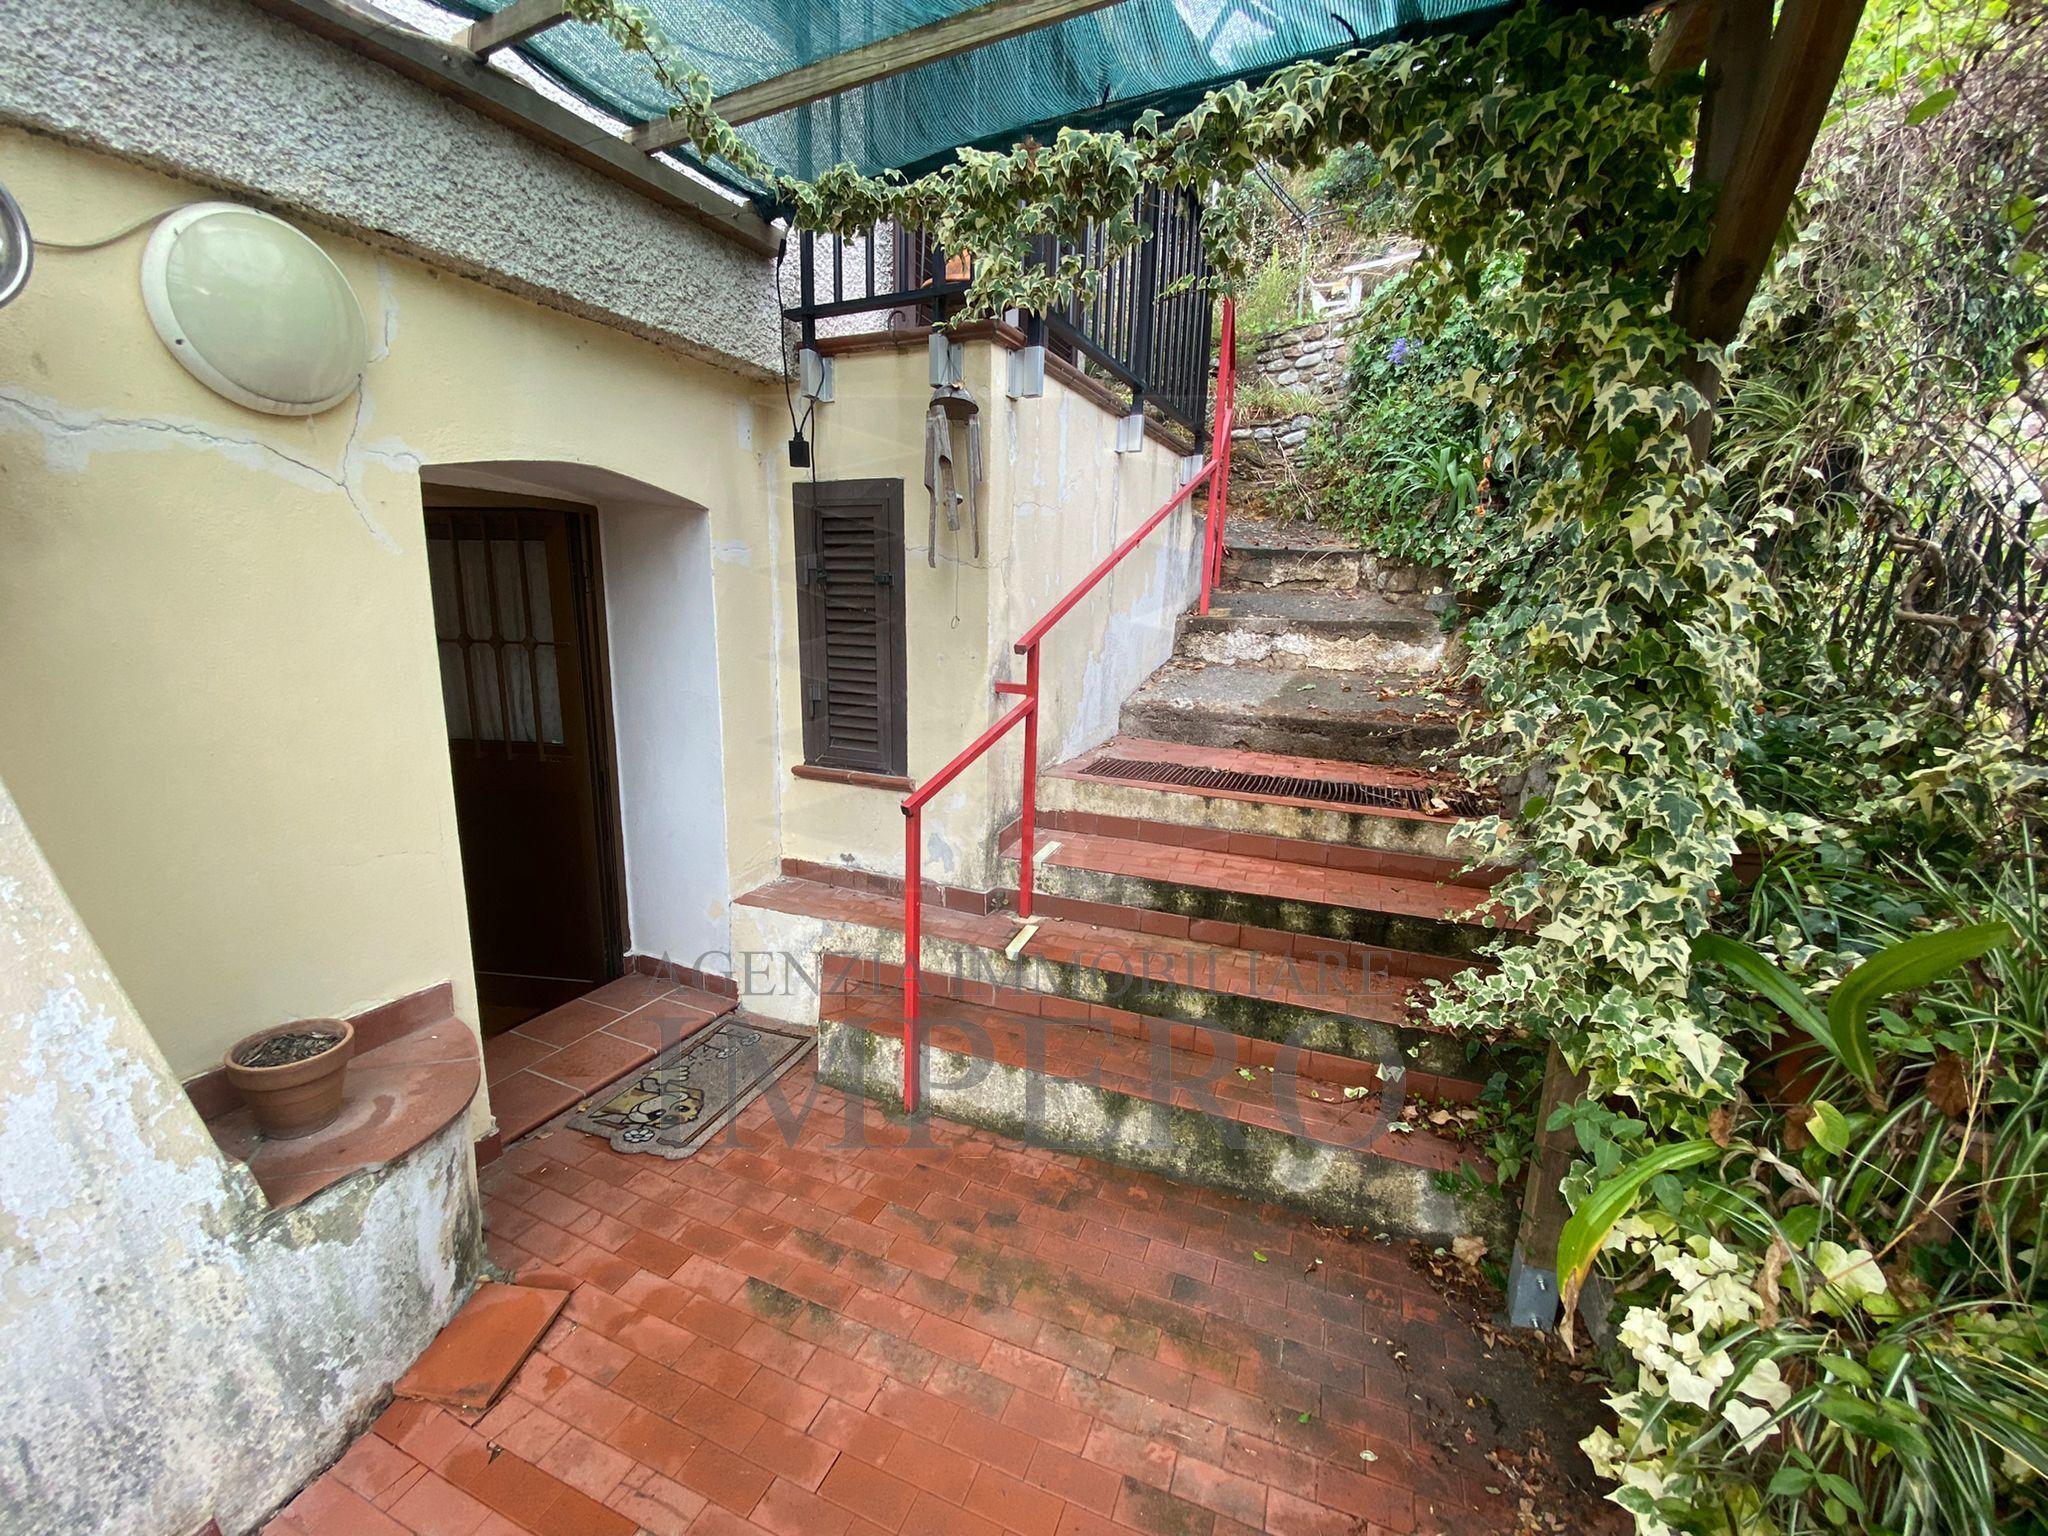 Casa, Ventimiglia - Porra